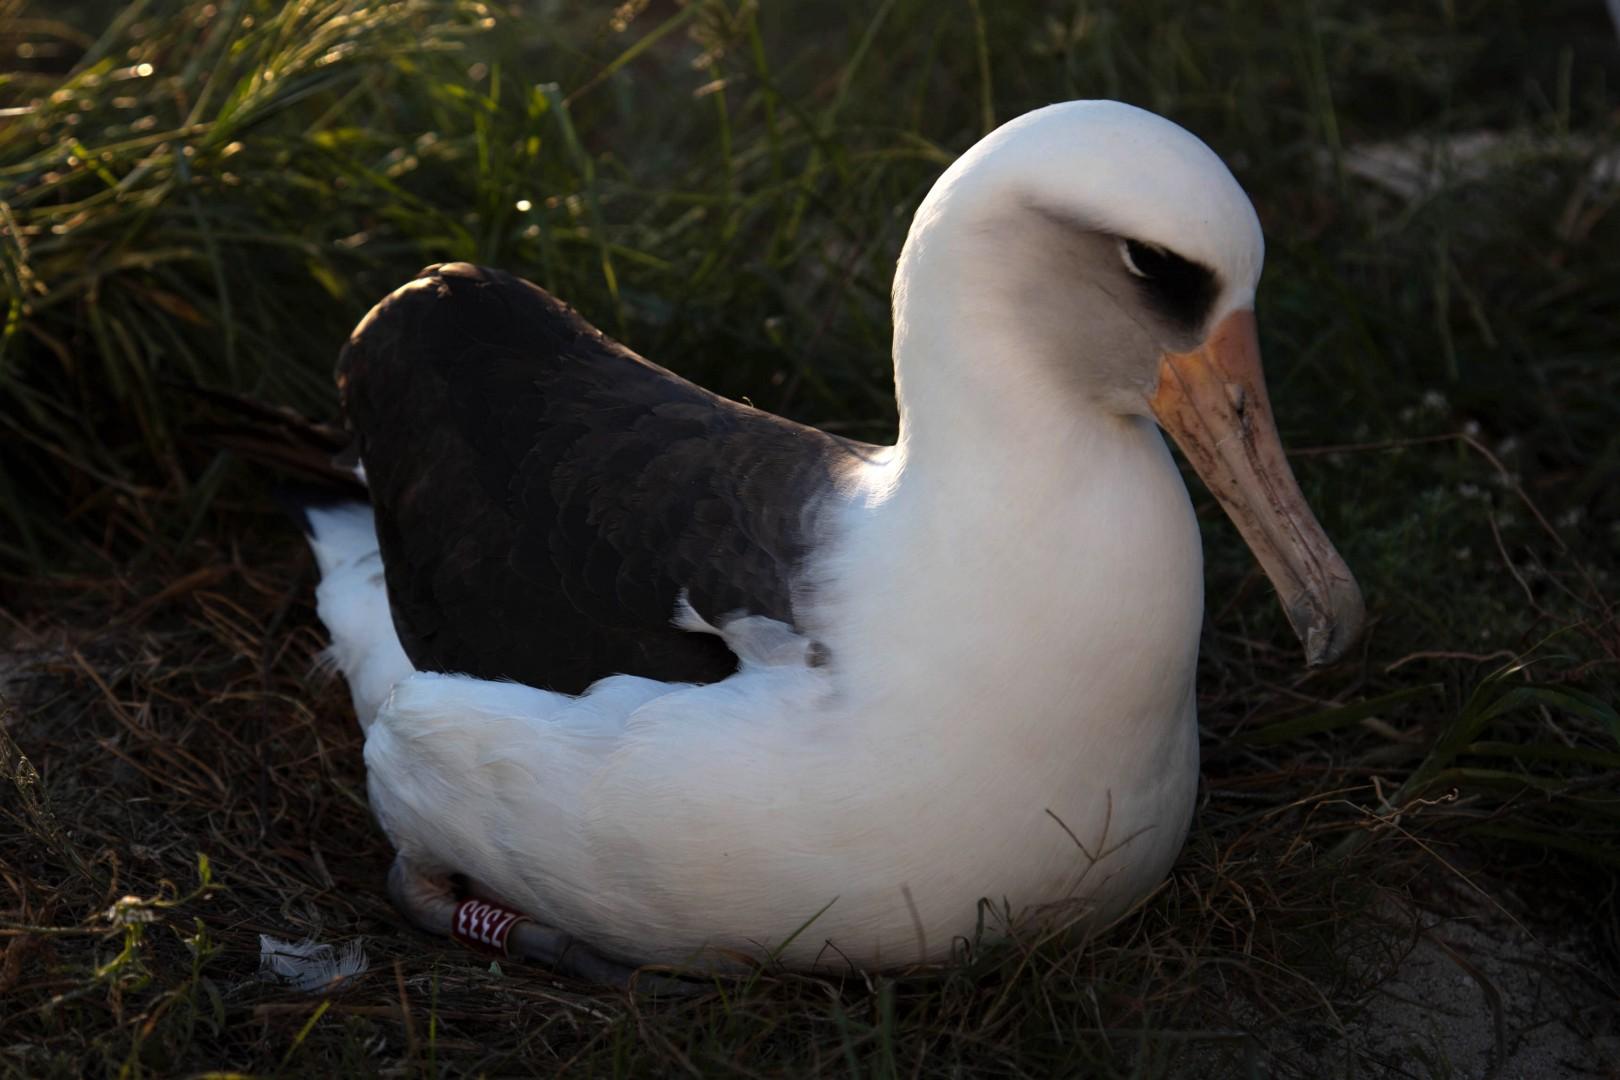 Старейшая дикая птица планеты Уиздом смогла отложить яйцо